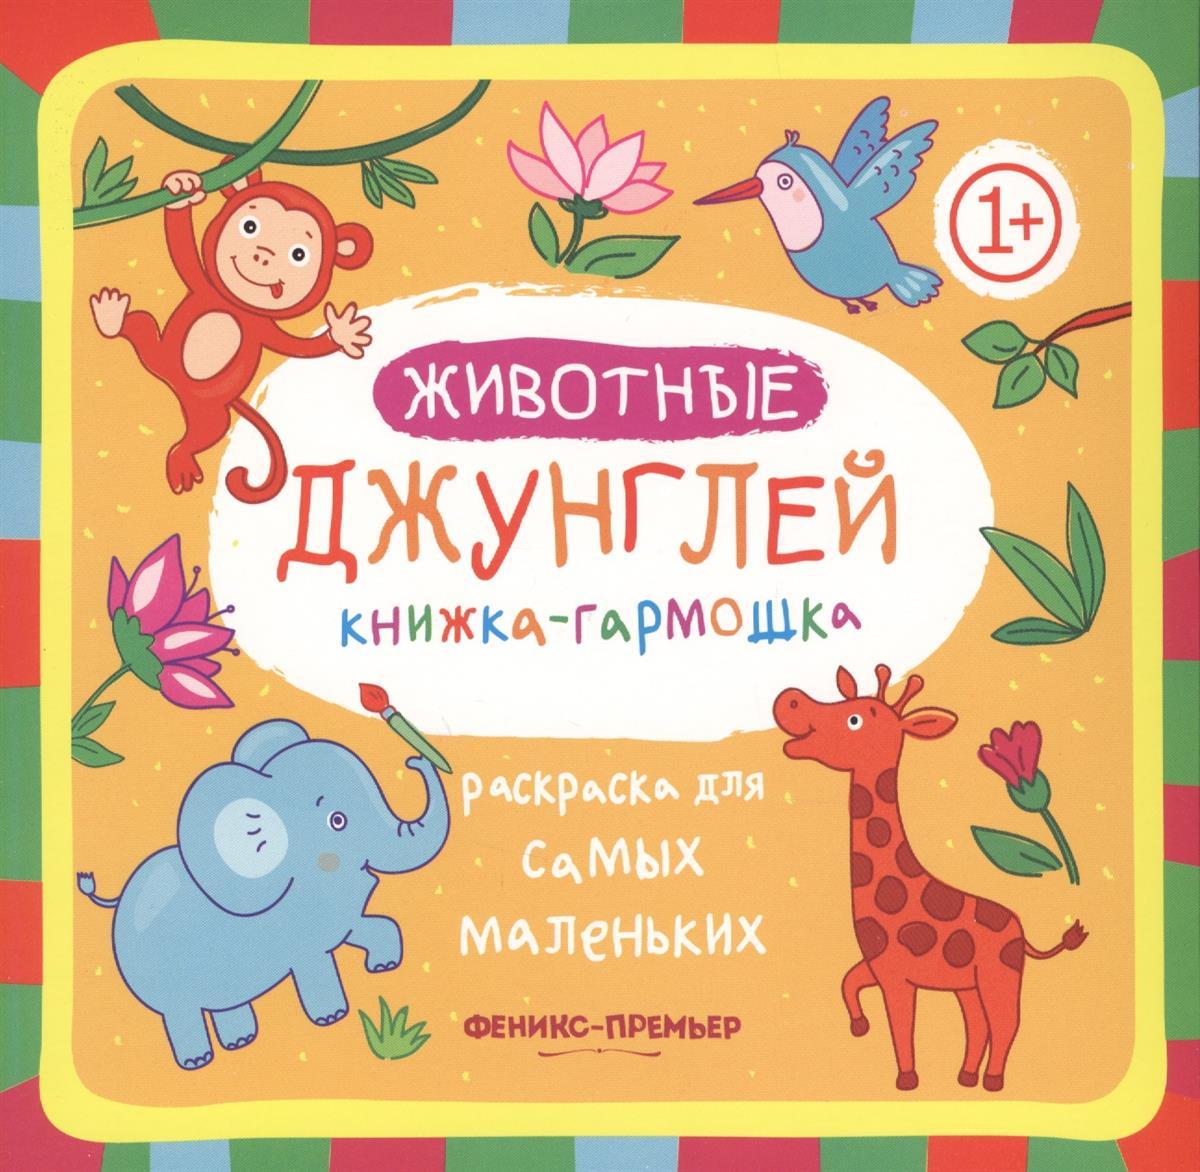 Костомарова Е. (отв.ред.) Раскраска для самых маленьких. Животные джунглей. Книжка-гарможка шилова е беби йога и массаж для самых маленьких